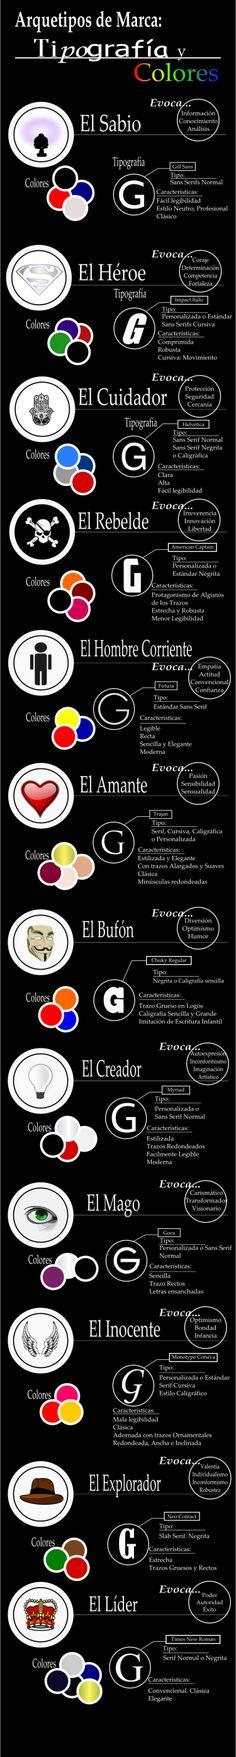 Arquetipos de Marca: Colores y Tipografía